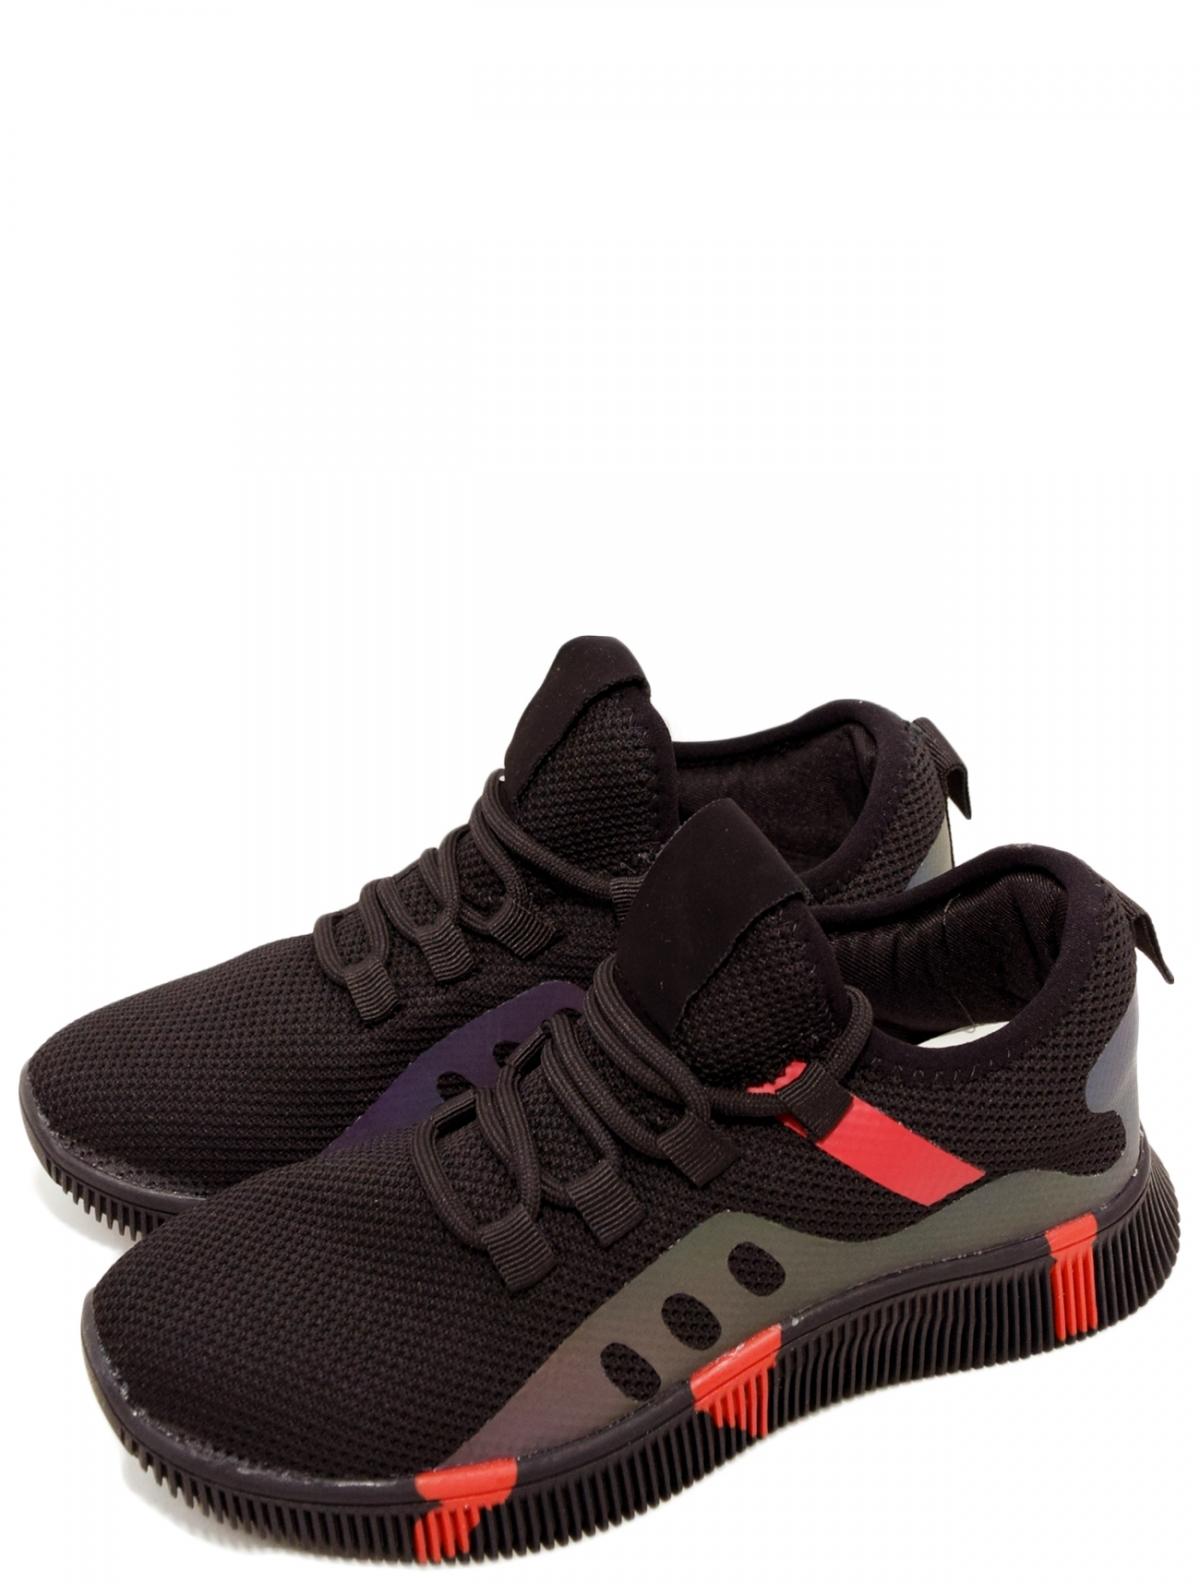 Trien 9JYR-37 женские кроссовки